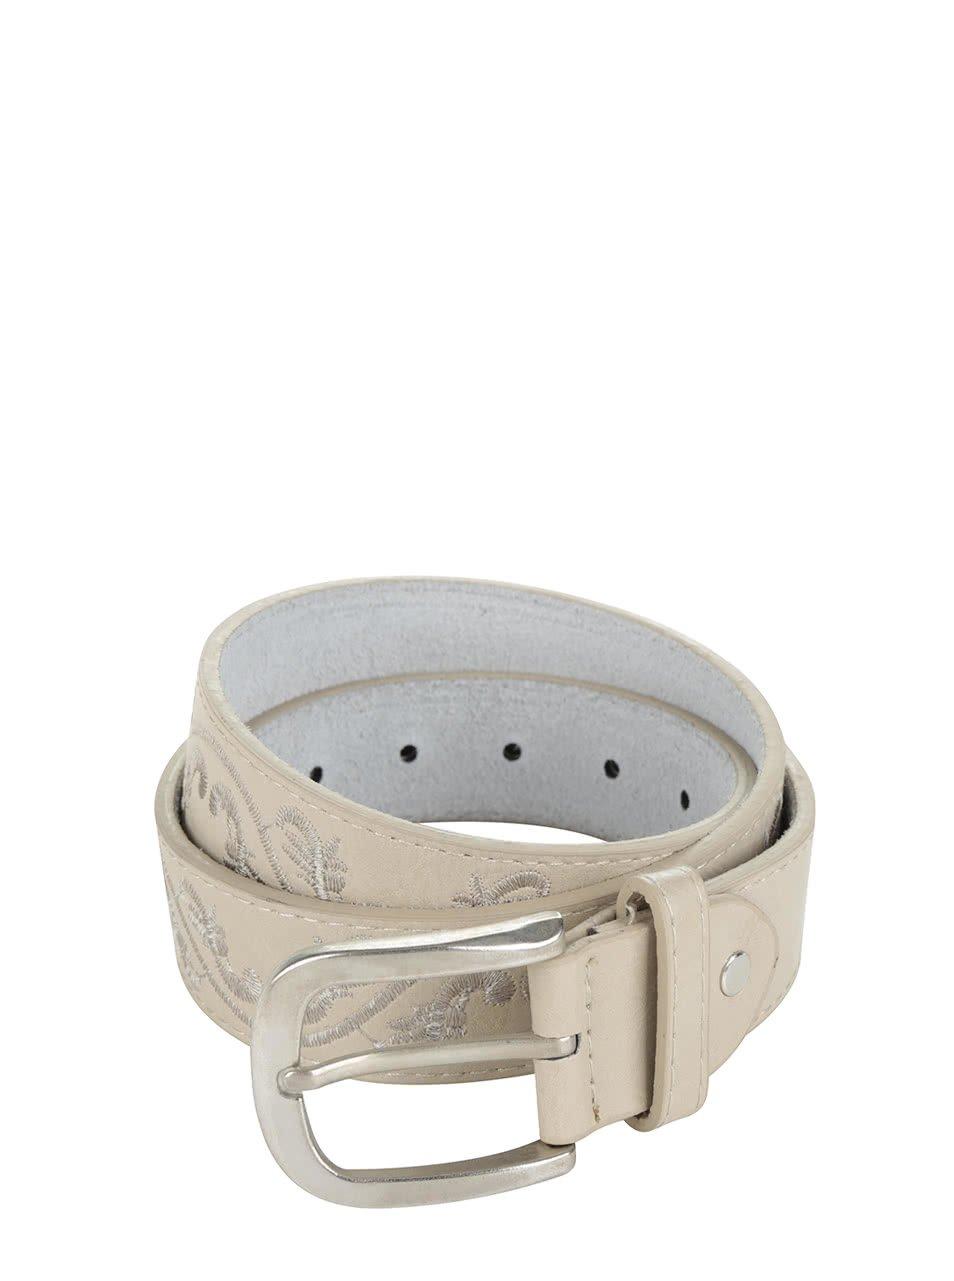 Béžový kožený pásek s výšivkou Haily's Solene